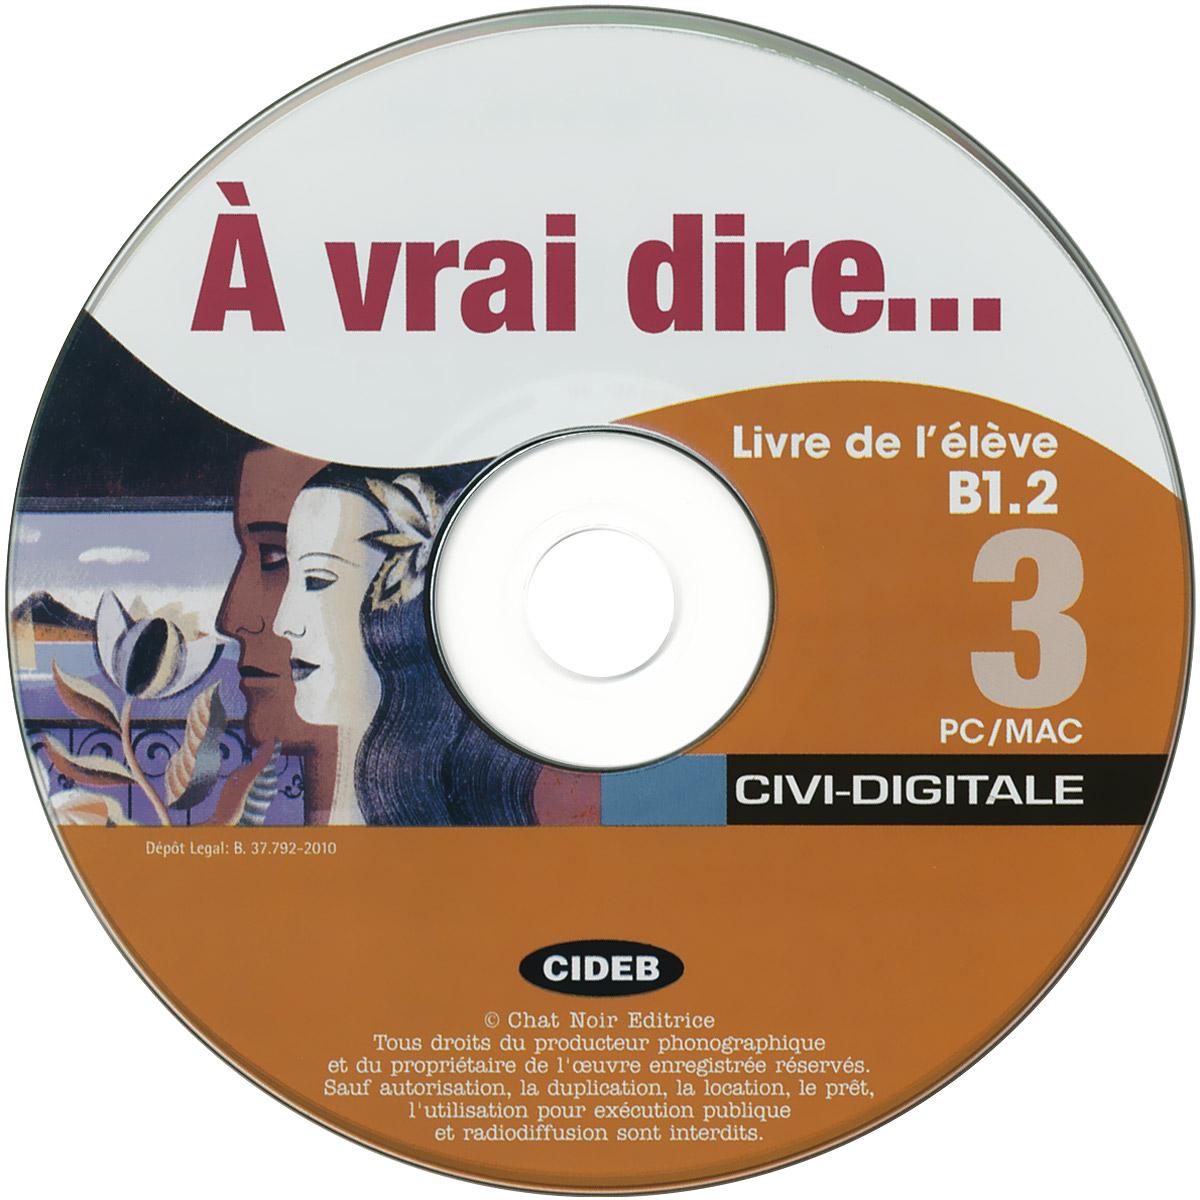 A Vrai Dire 3 (B1-B2): Methode de Francais: Livre de l'eleve: Cahier d'exercices (комлект из 2 книг + CD, CD-ROM)